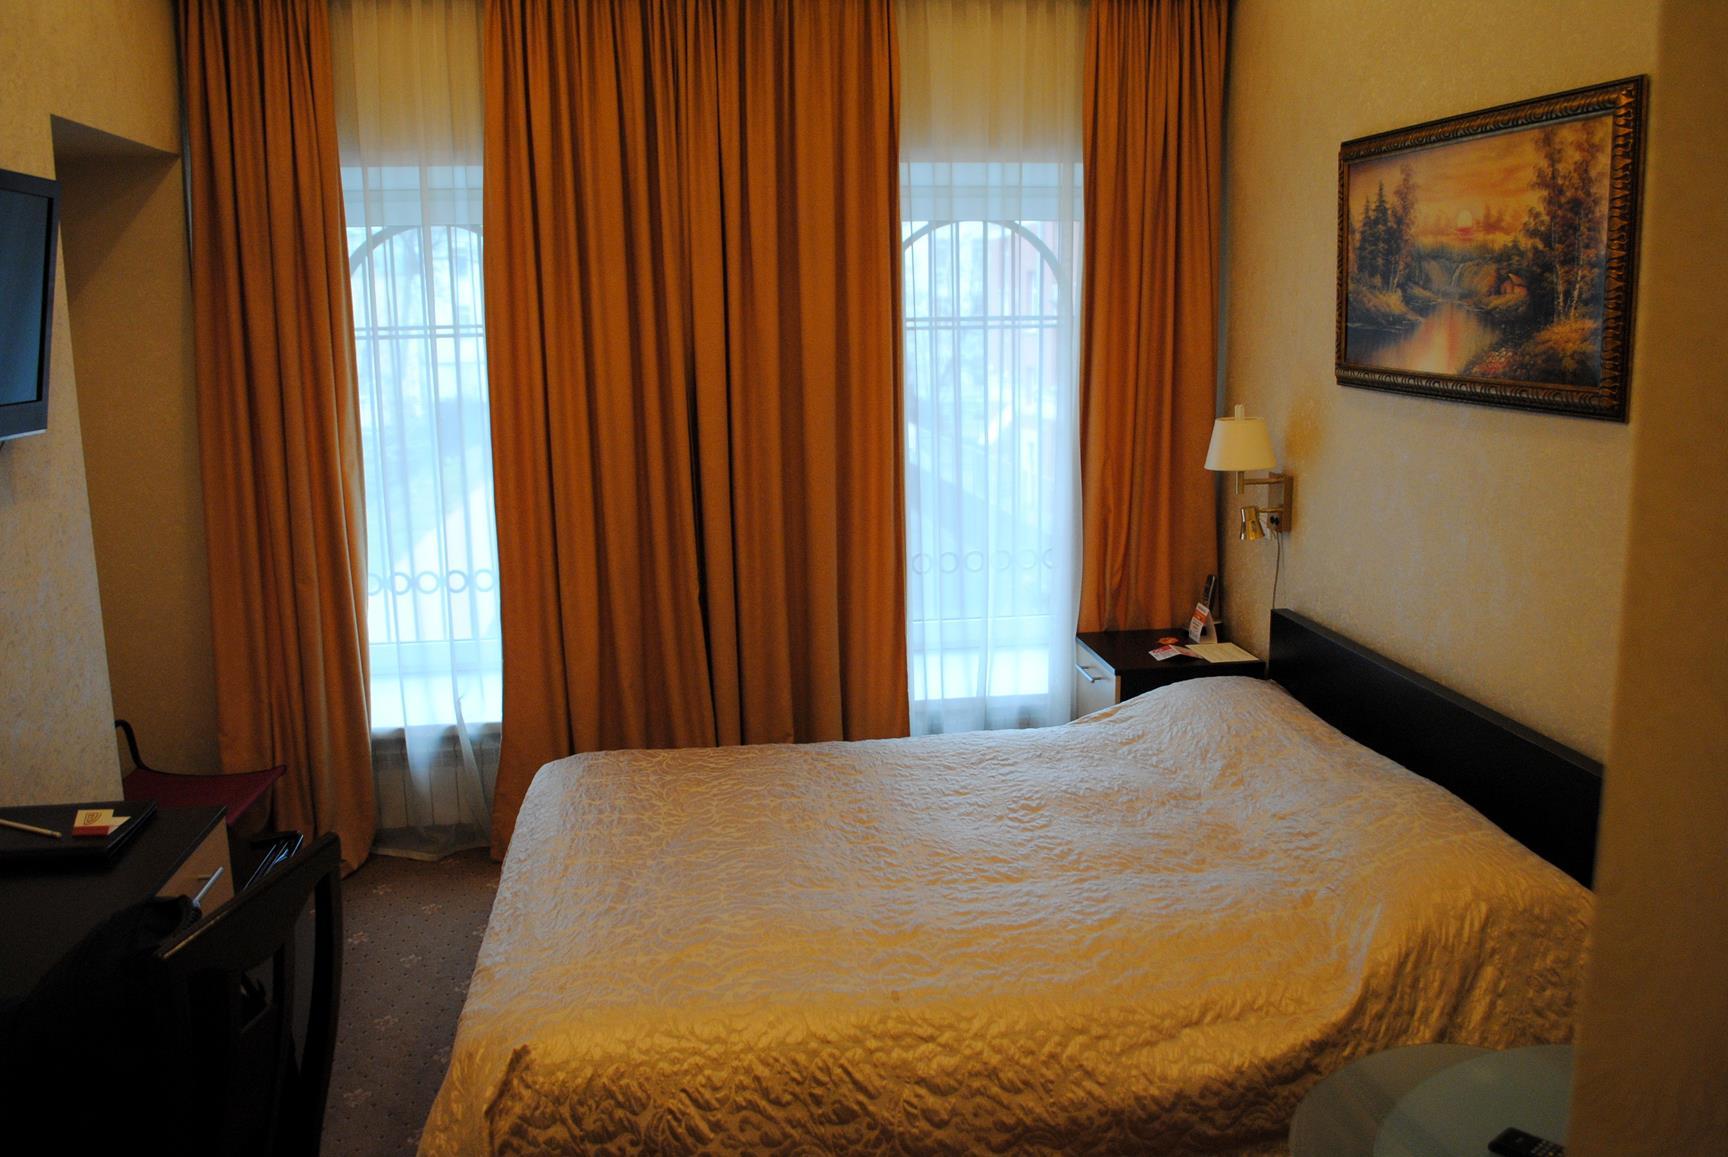 hotel-moscu-kamergersky